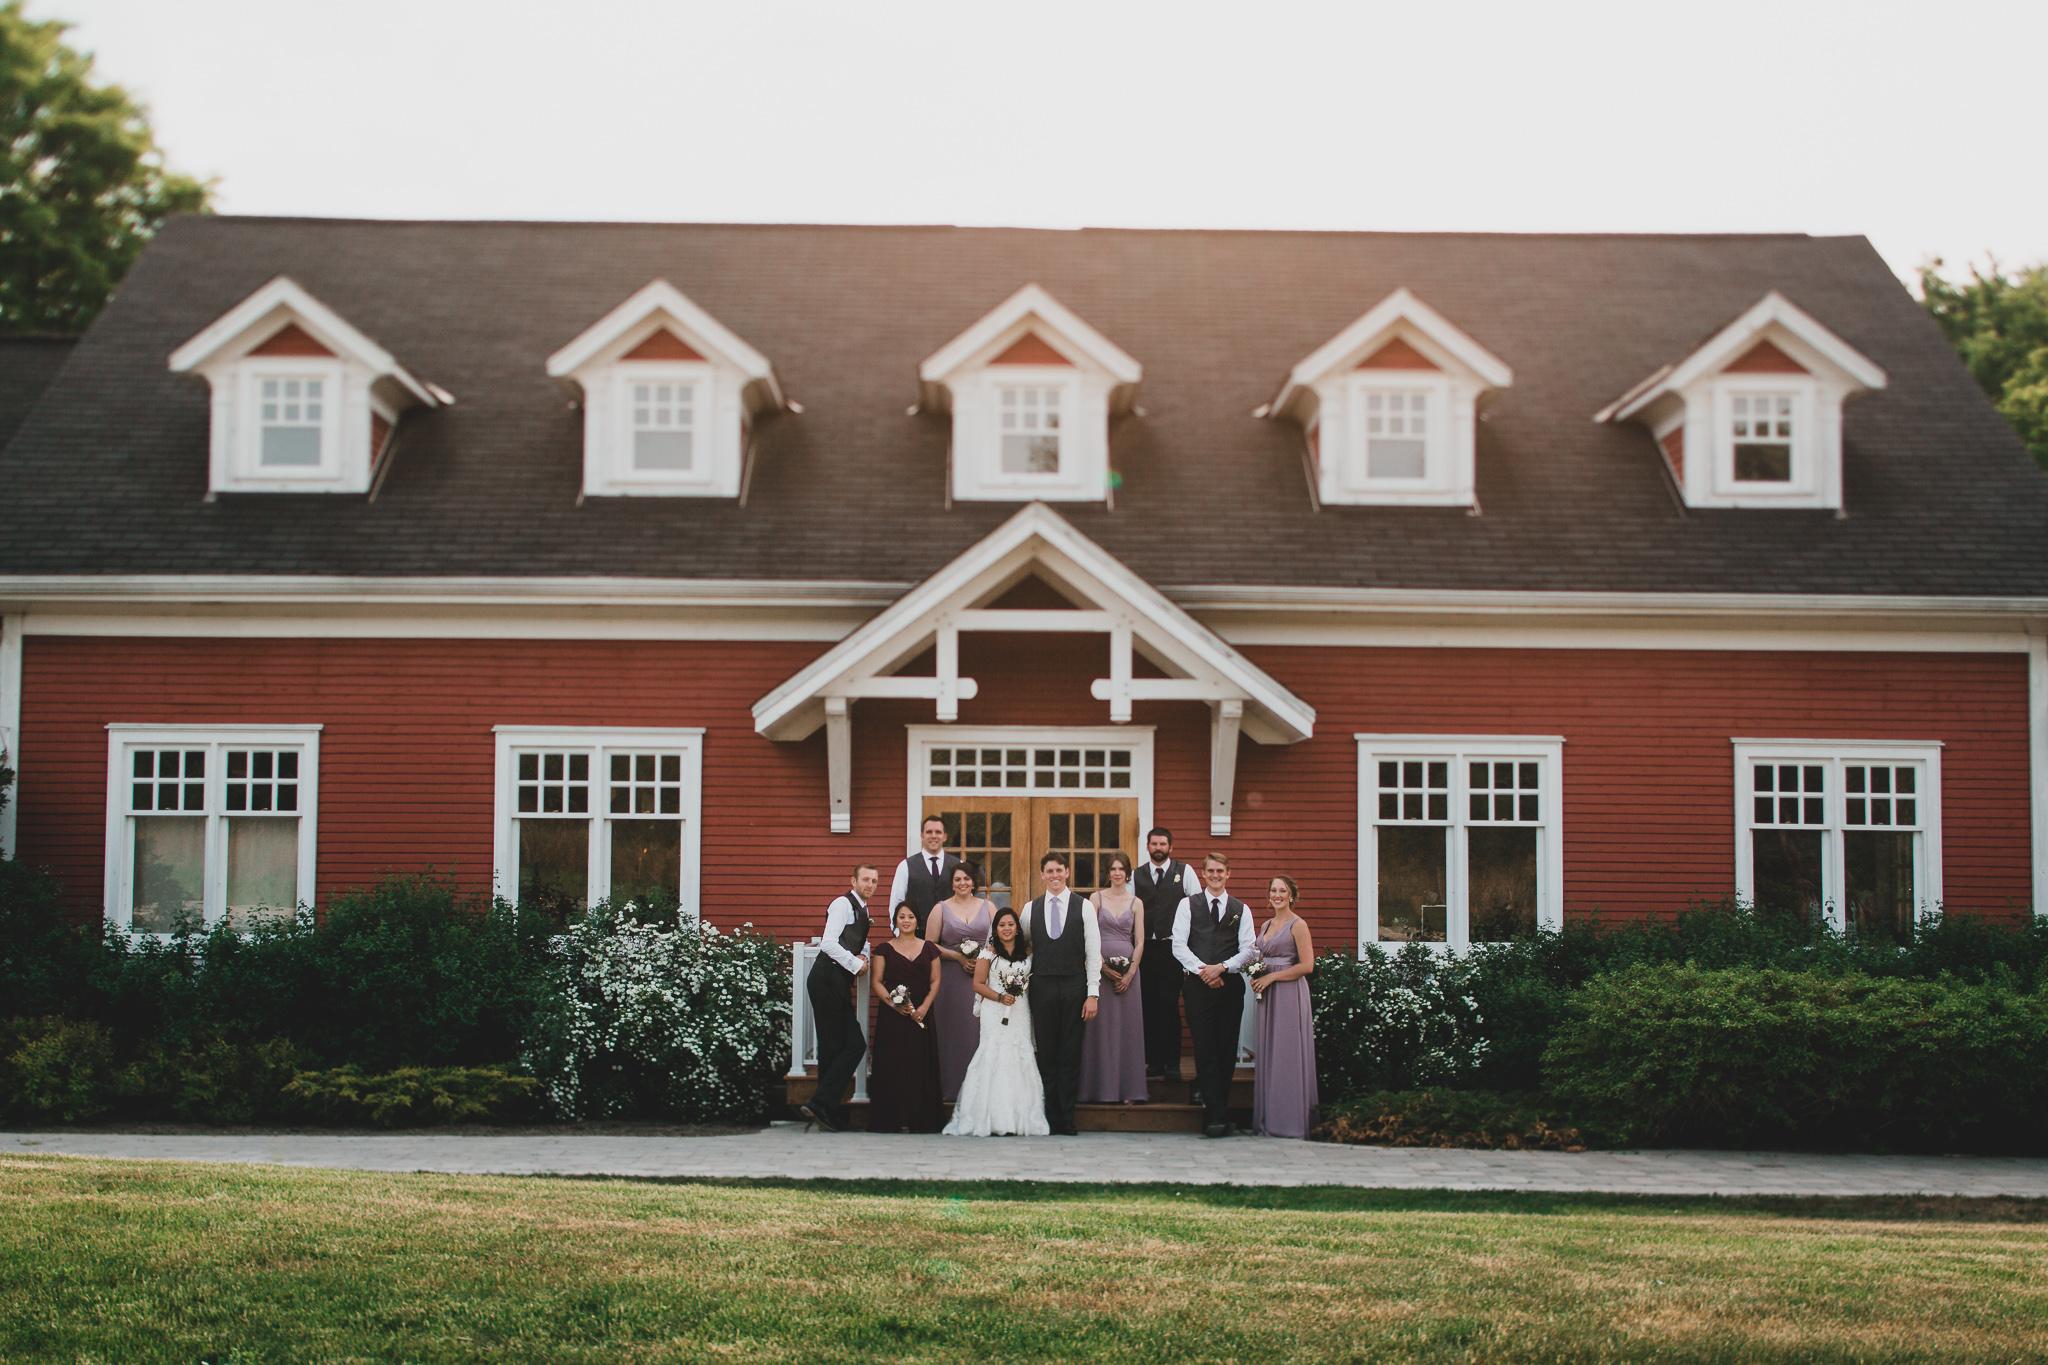 Non-banquet hall wedding venues in Eastern Ontario